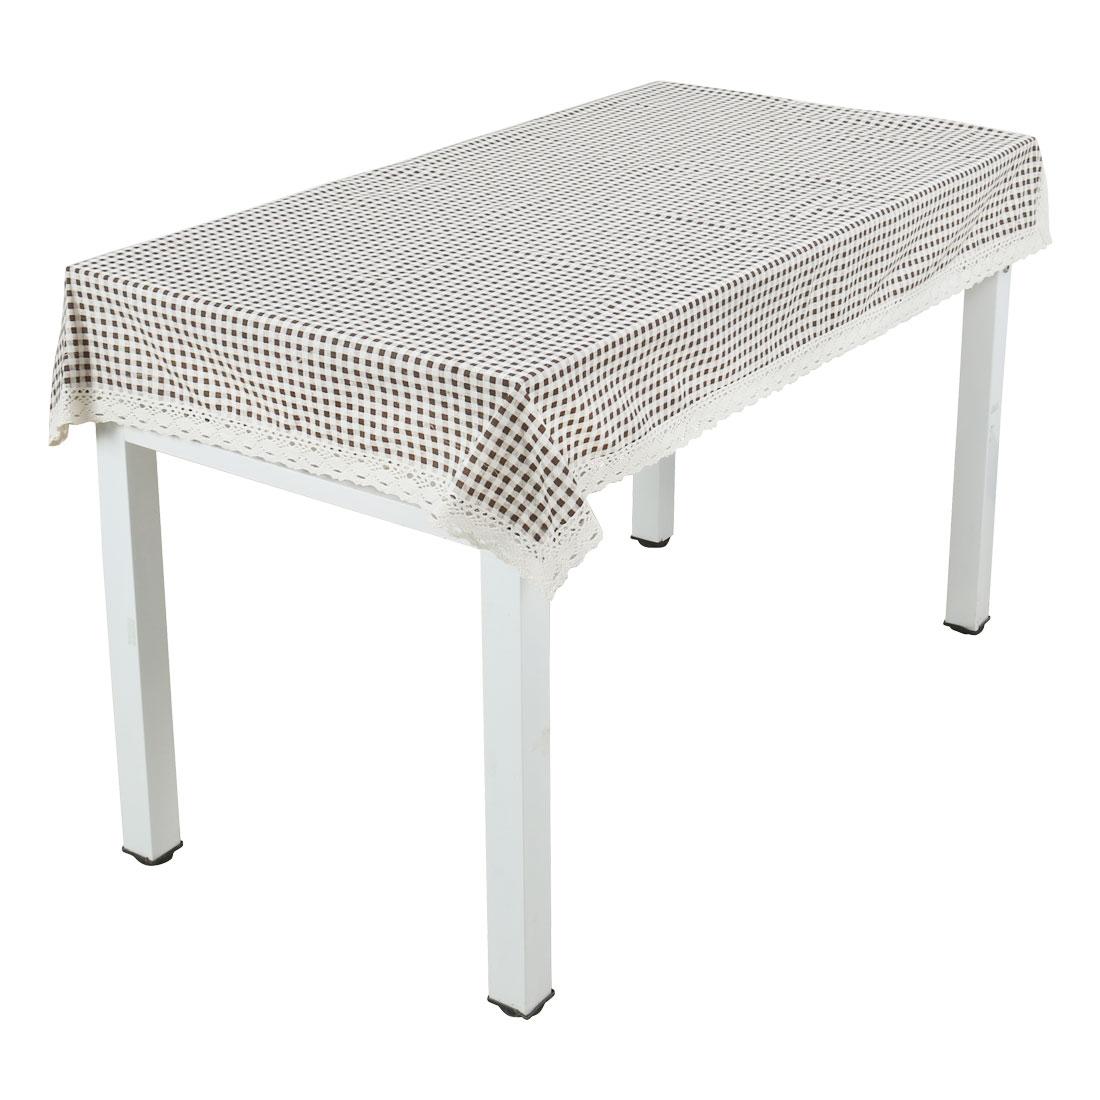 Vintage Coffee Color Plaid Tablecloth Cotton Linen Washable Table Cover 140 x 220cm